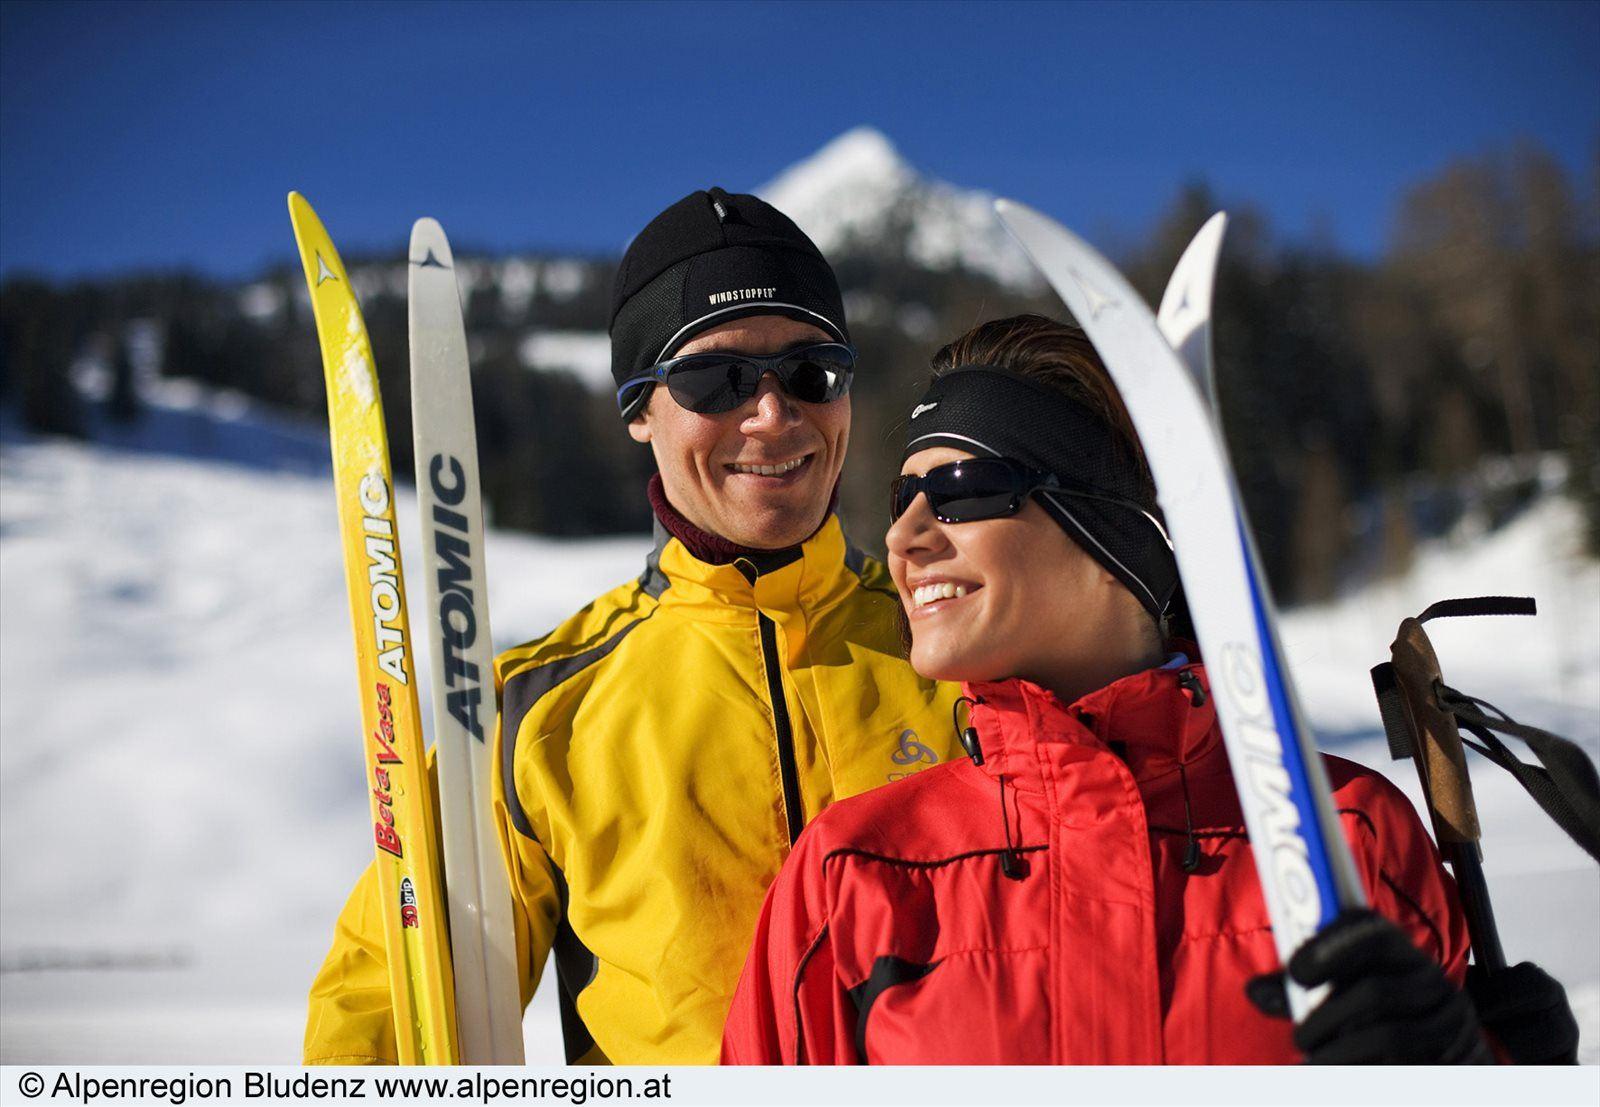 Alpenhotel Garfrescha Silvretta Montafon